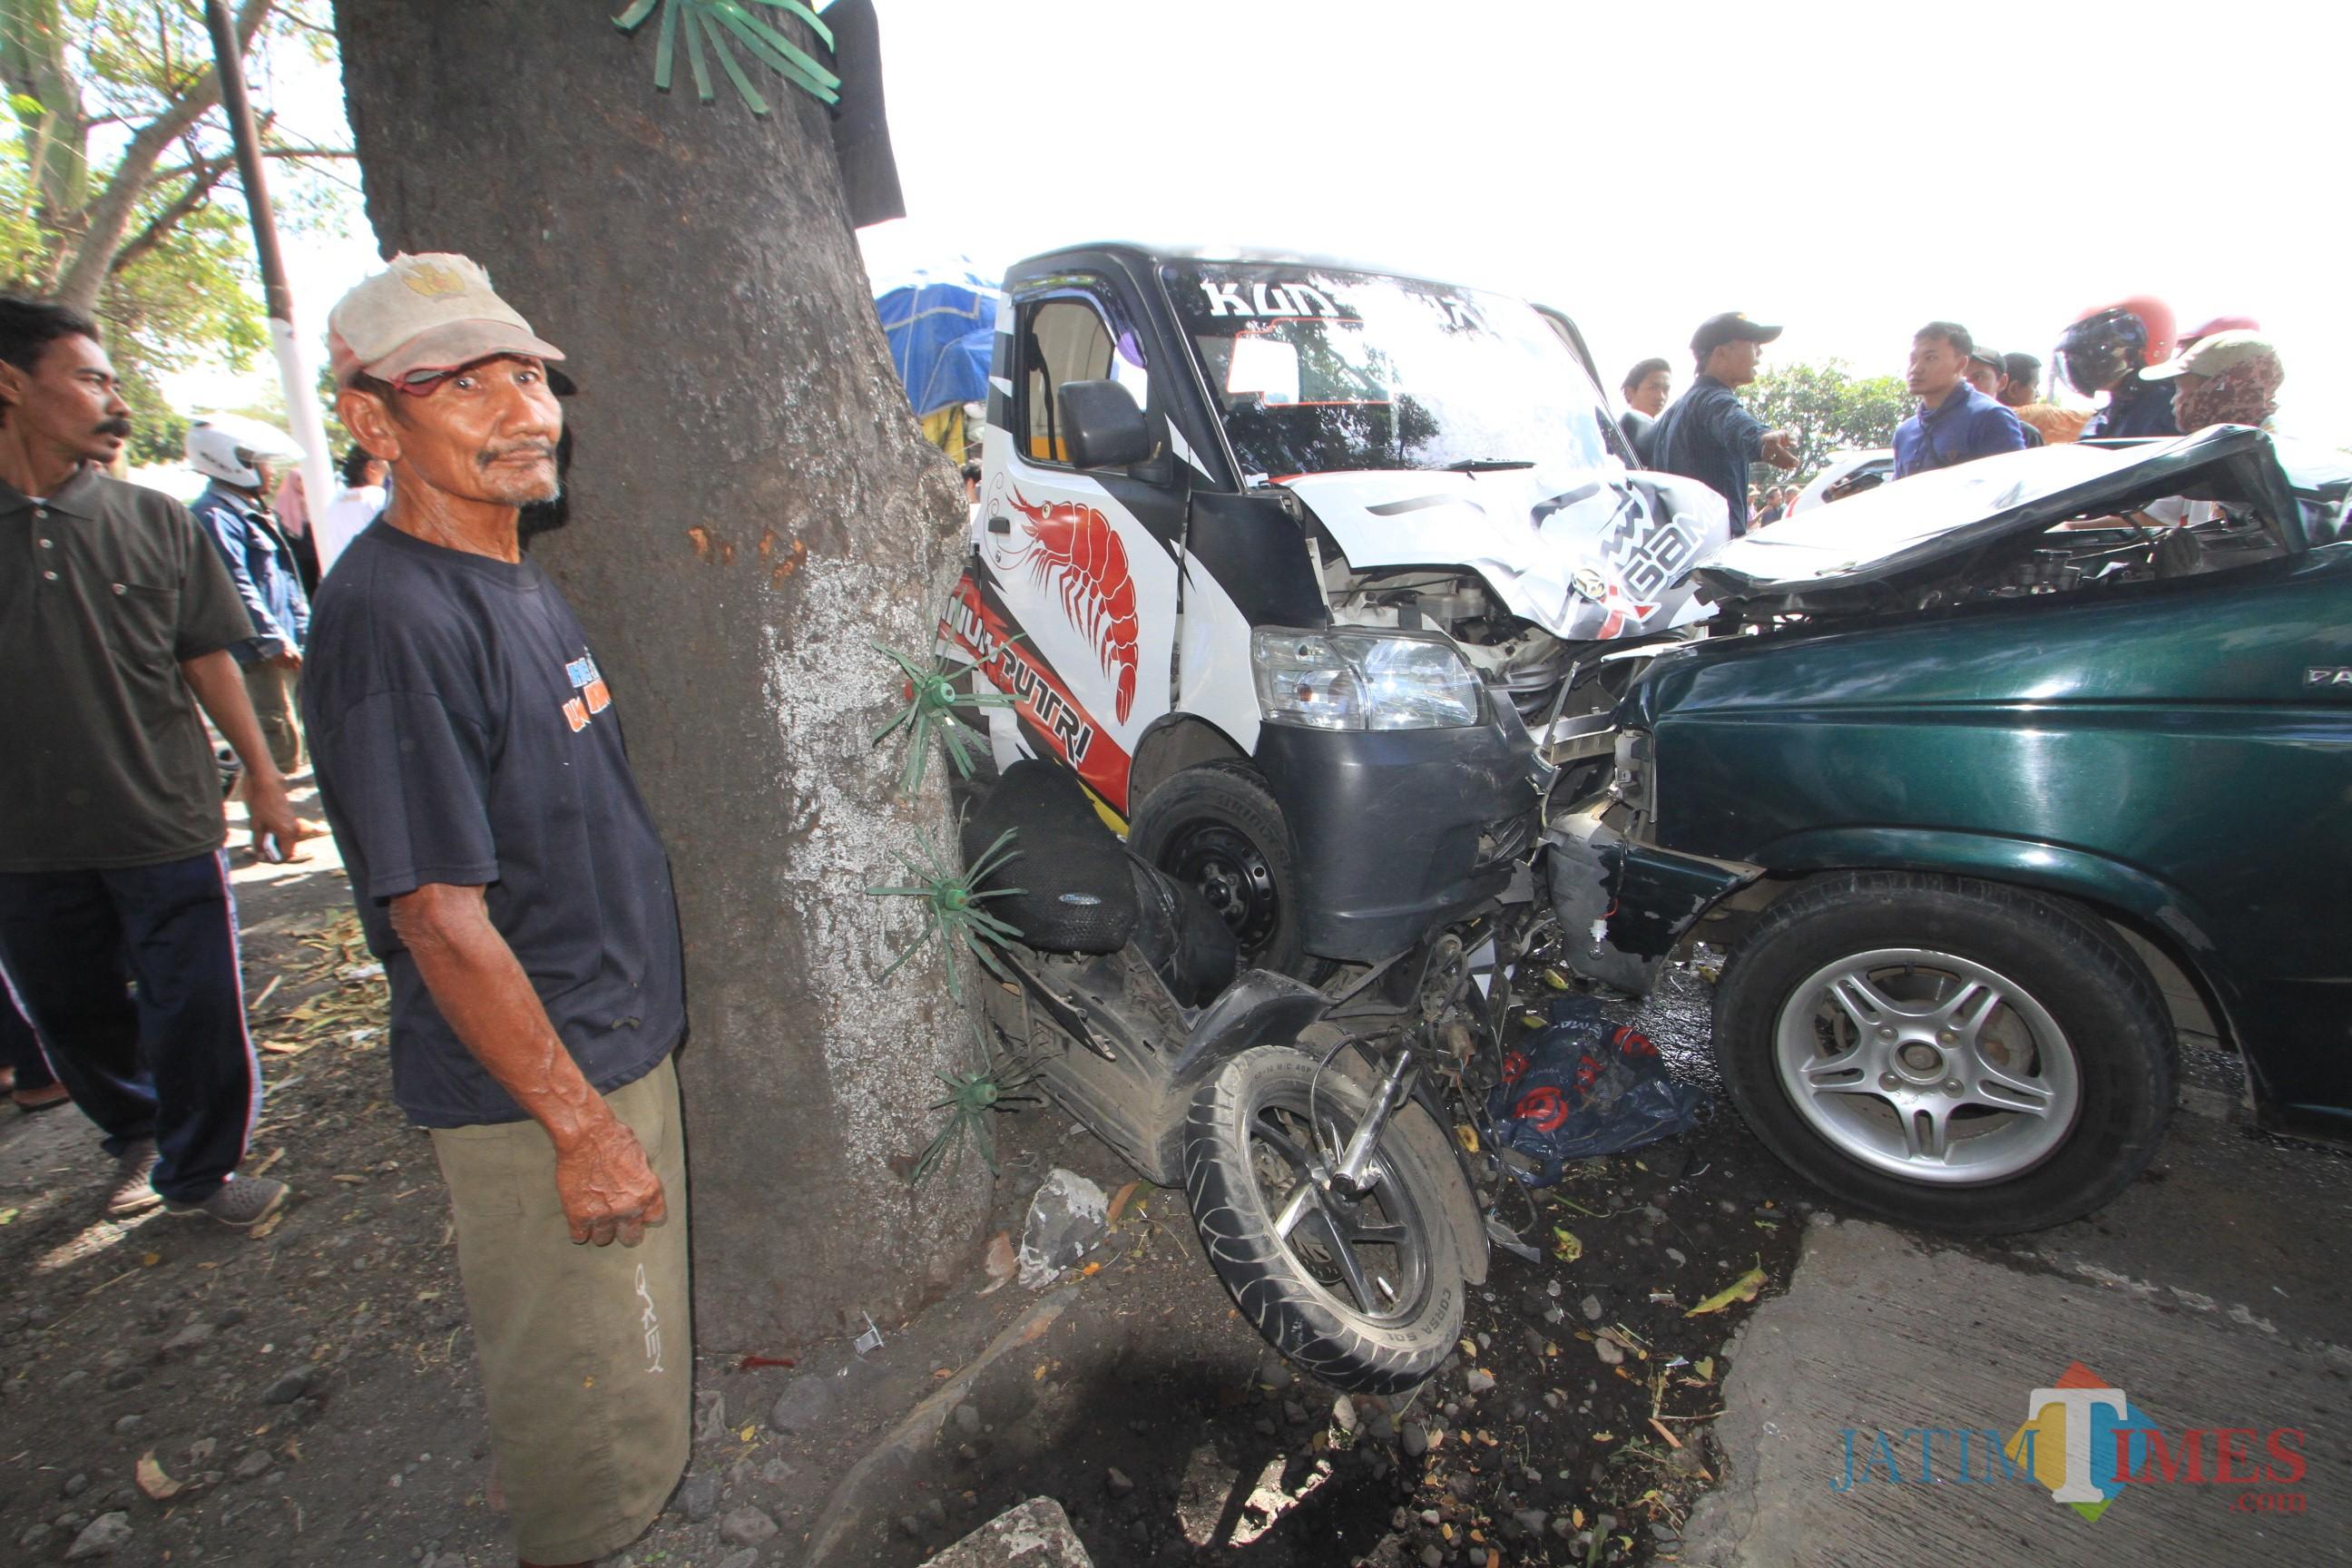 Nasib kendaraan roda dua yang dihantam 2 kendaraan roda empat di jalur pantura jalan raya jurusan Probolinggo-Surabaya (Agus Salam.Jatim TIMES)